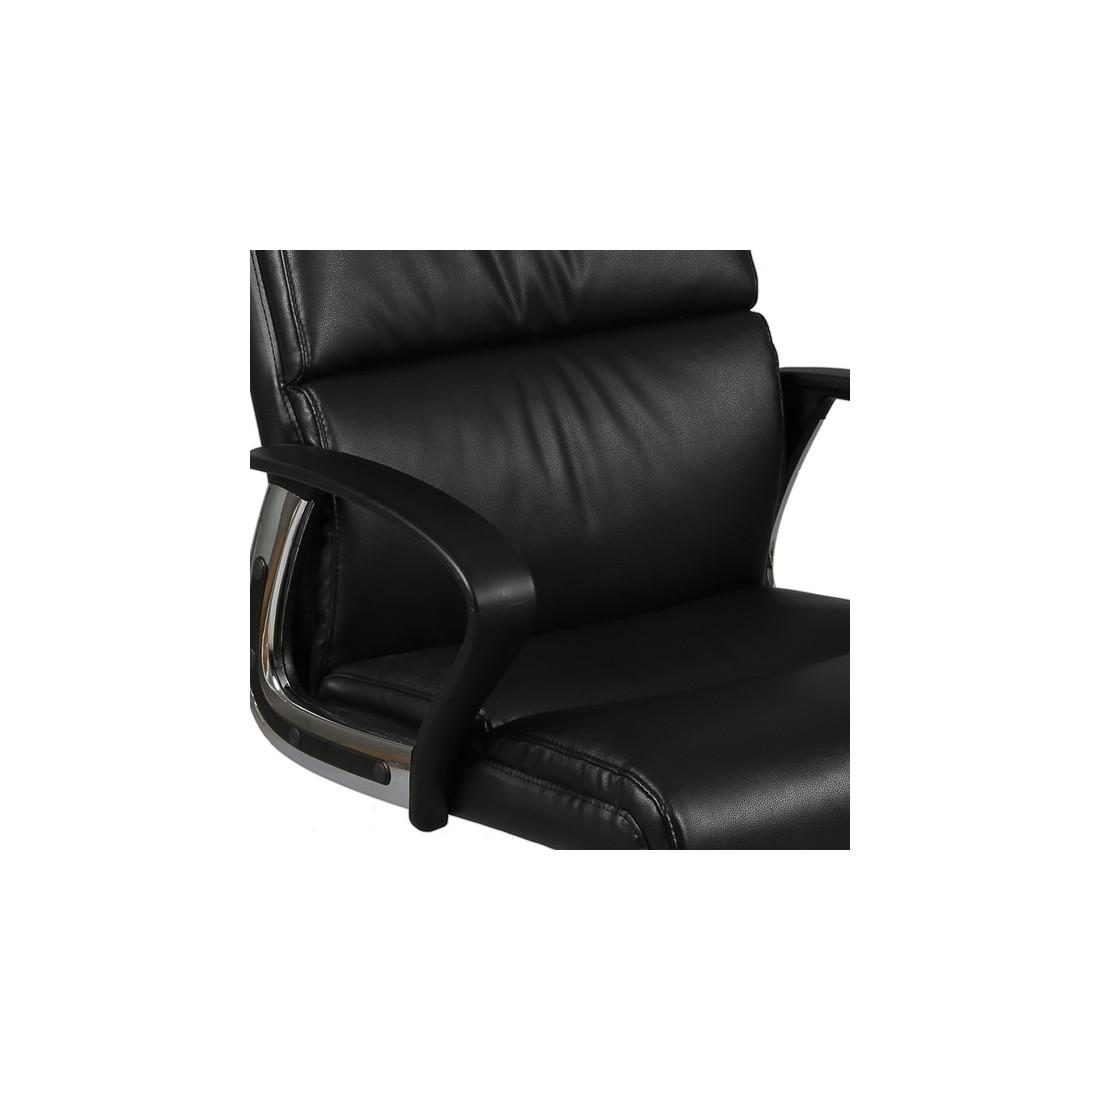 Fauteuil de bureau noir axel univers petits meubles - Fauteuil de table simili cuir ...